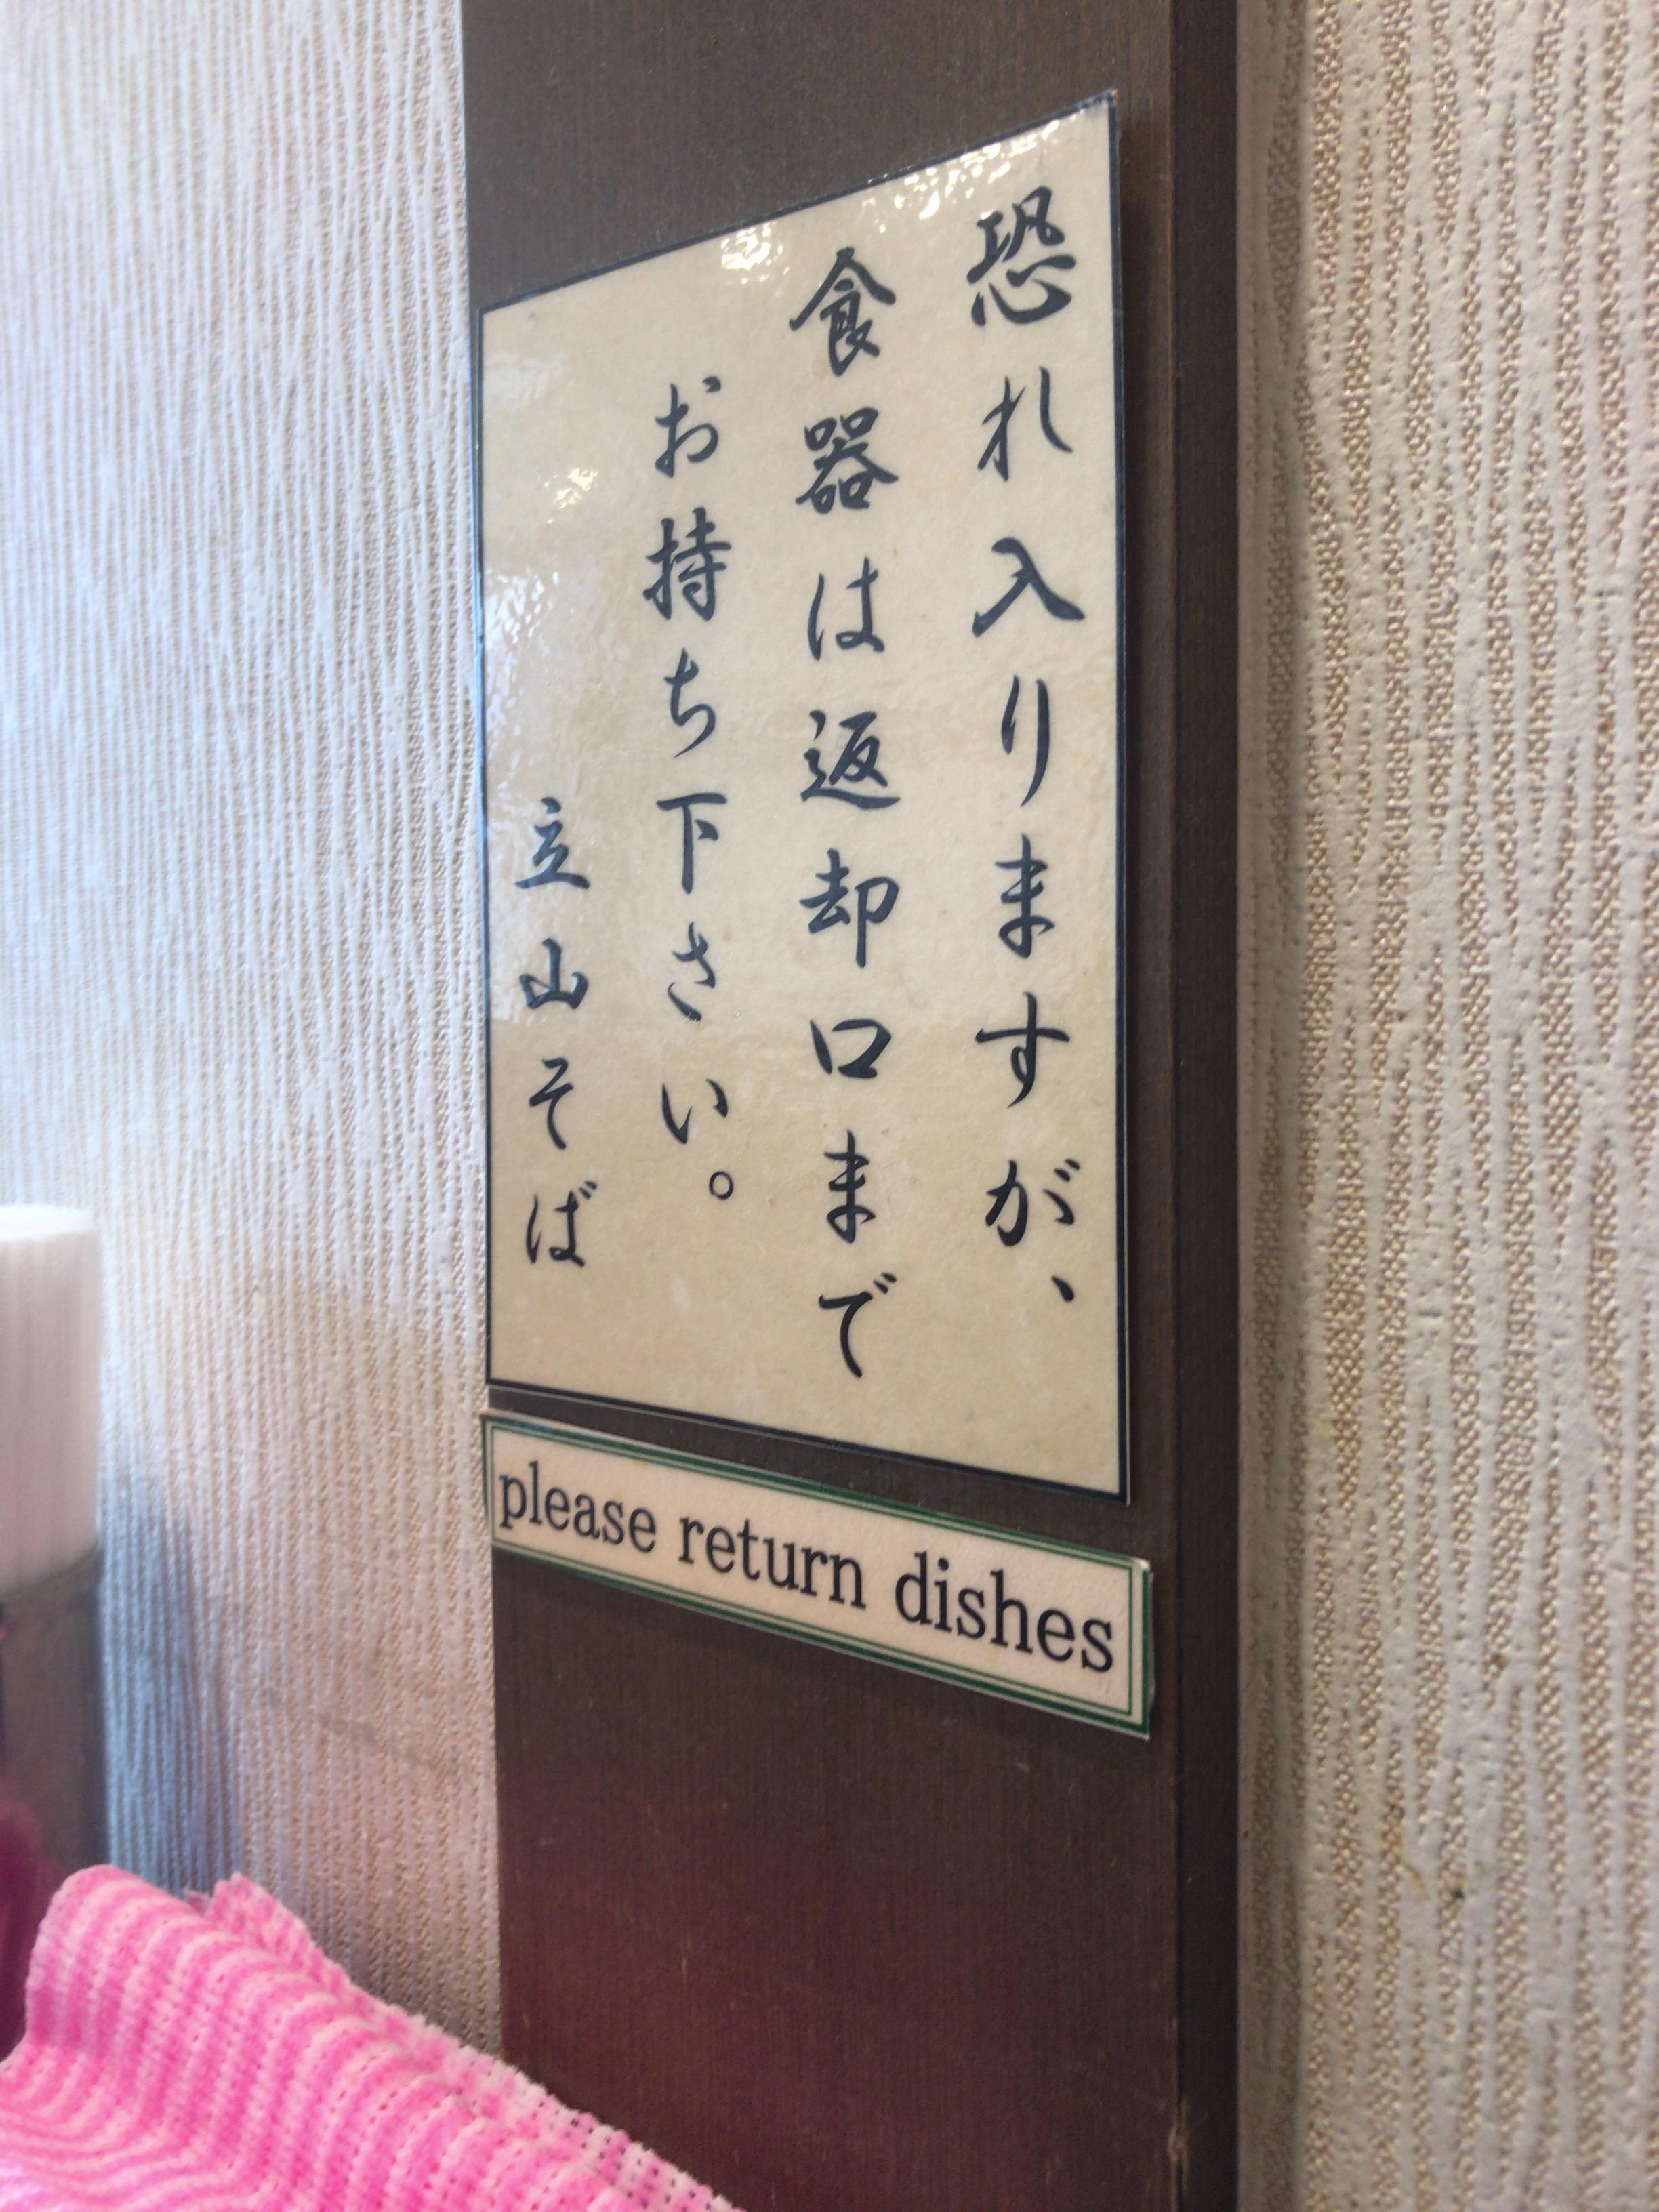 http://n-ko.jp/staffblog/2018/03/27/20180307_020442000_iOS.jpg